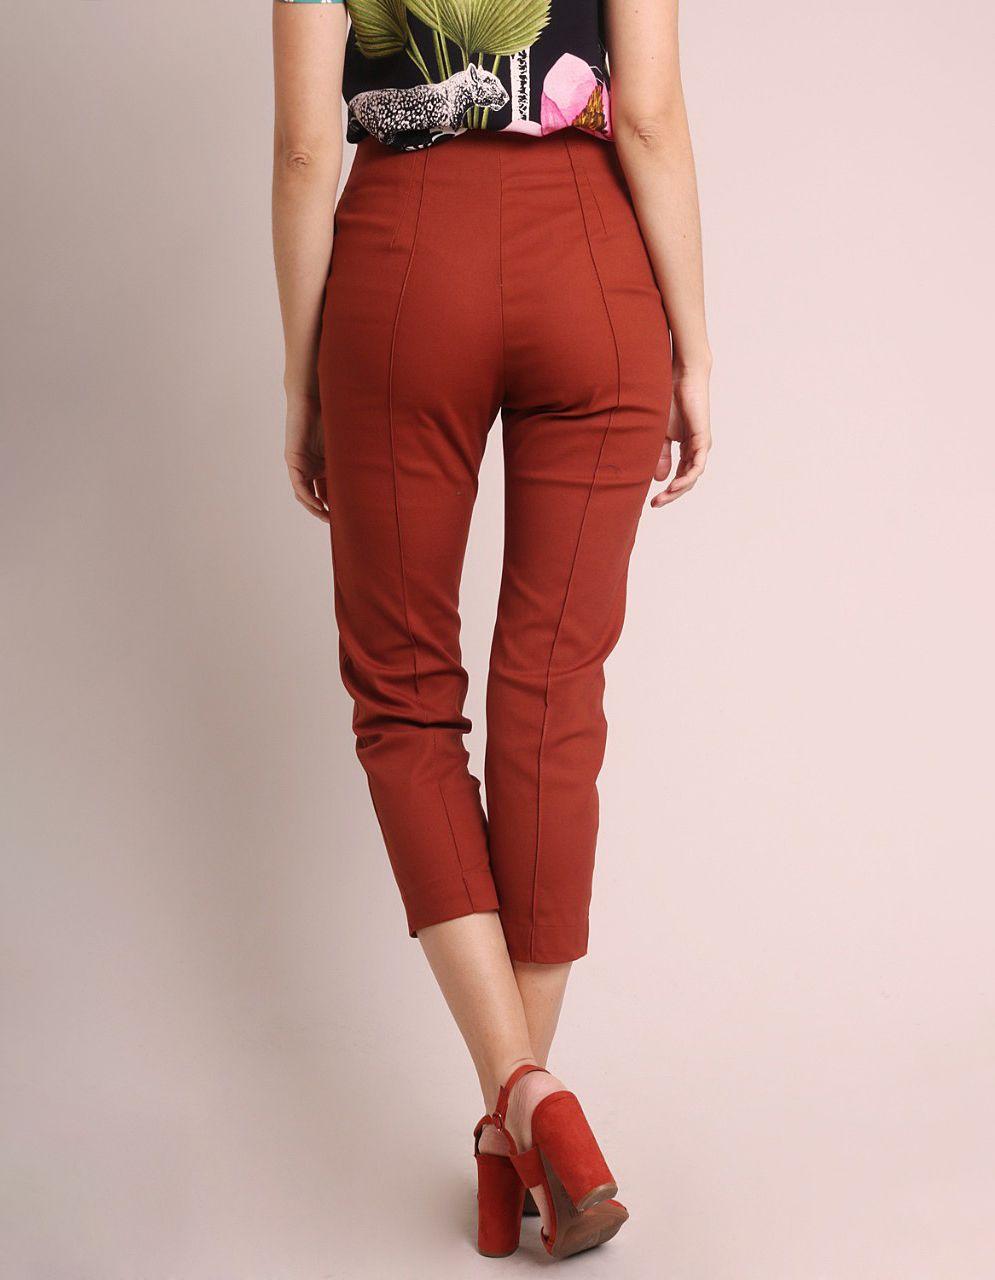 Pantalón Capri algodón marrón, azul oscuro o gris, cremallera frontal y bolsillos laterales Malagueta-72143MAL-F